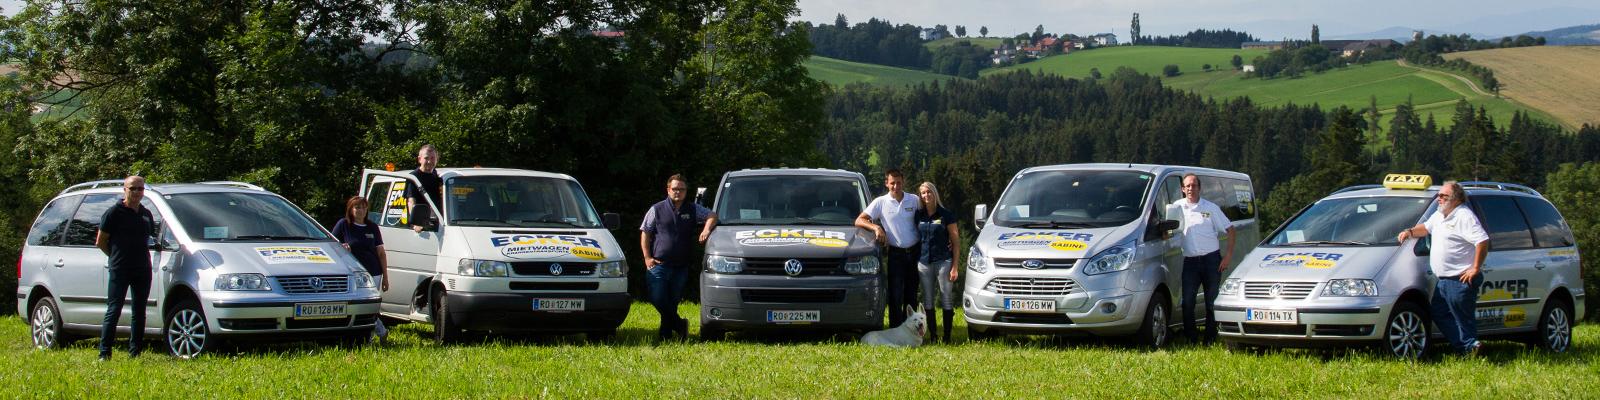 Taxi, Heimbringer, Mietwagen, Transporte - Bezirk Rohrbach, Kleinzell